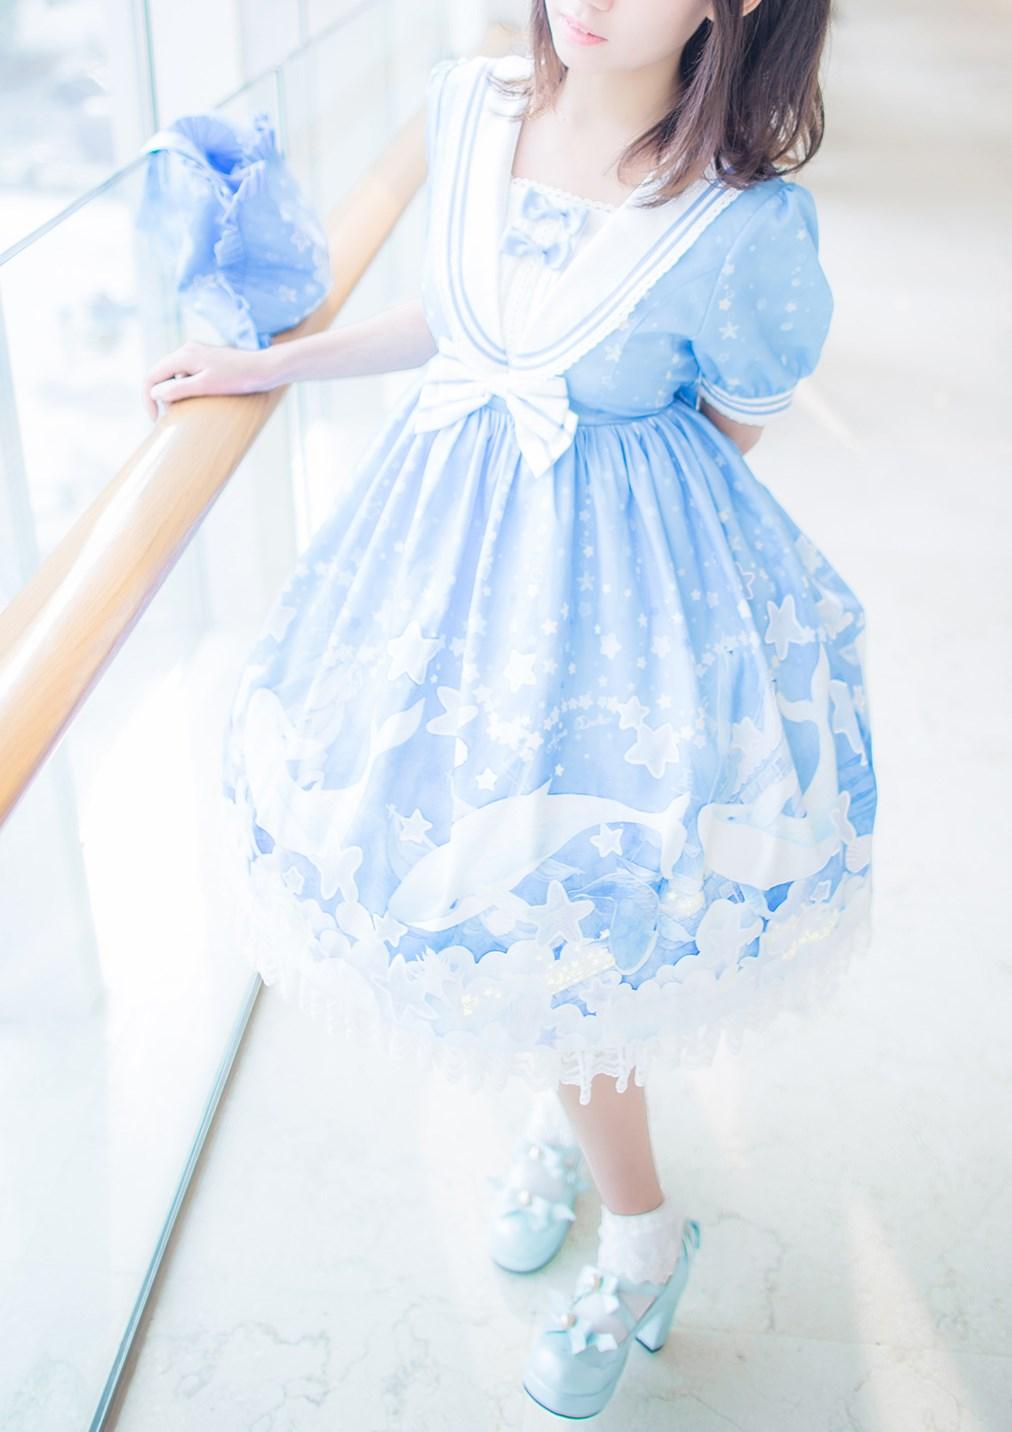 【兔玩映画】蓝色的LO娘 兔玩映画 第15张